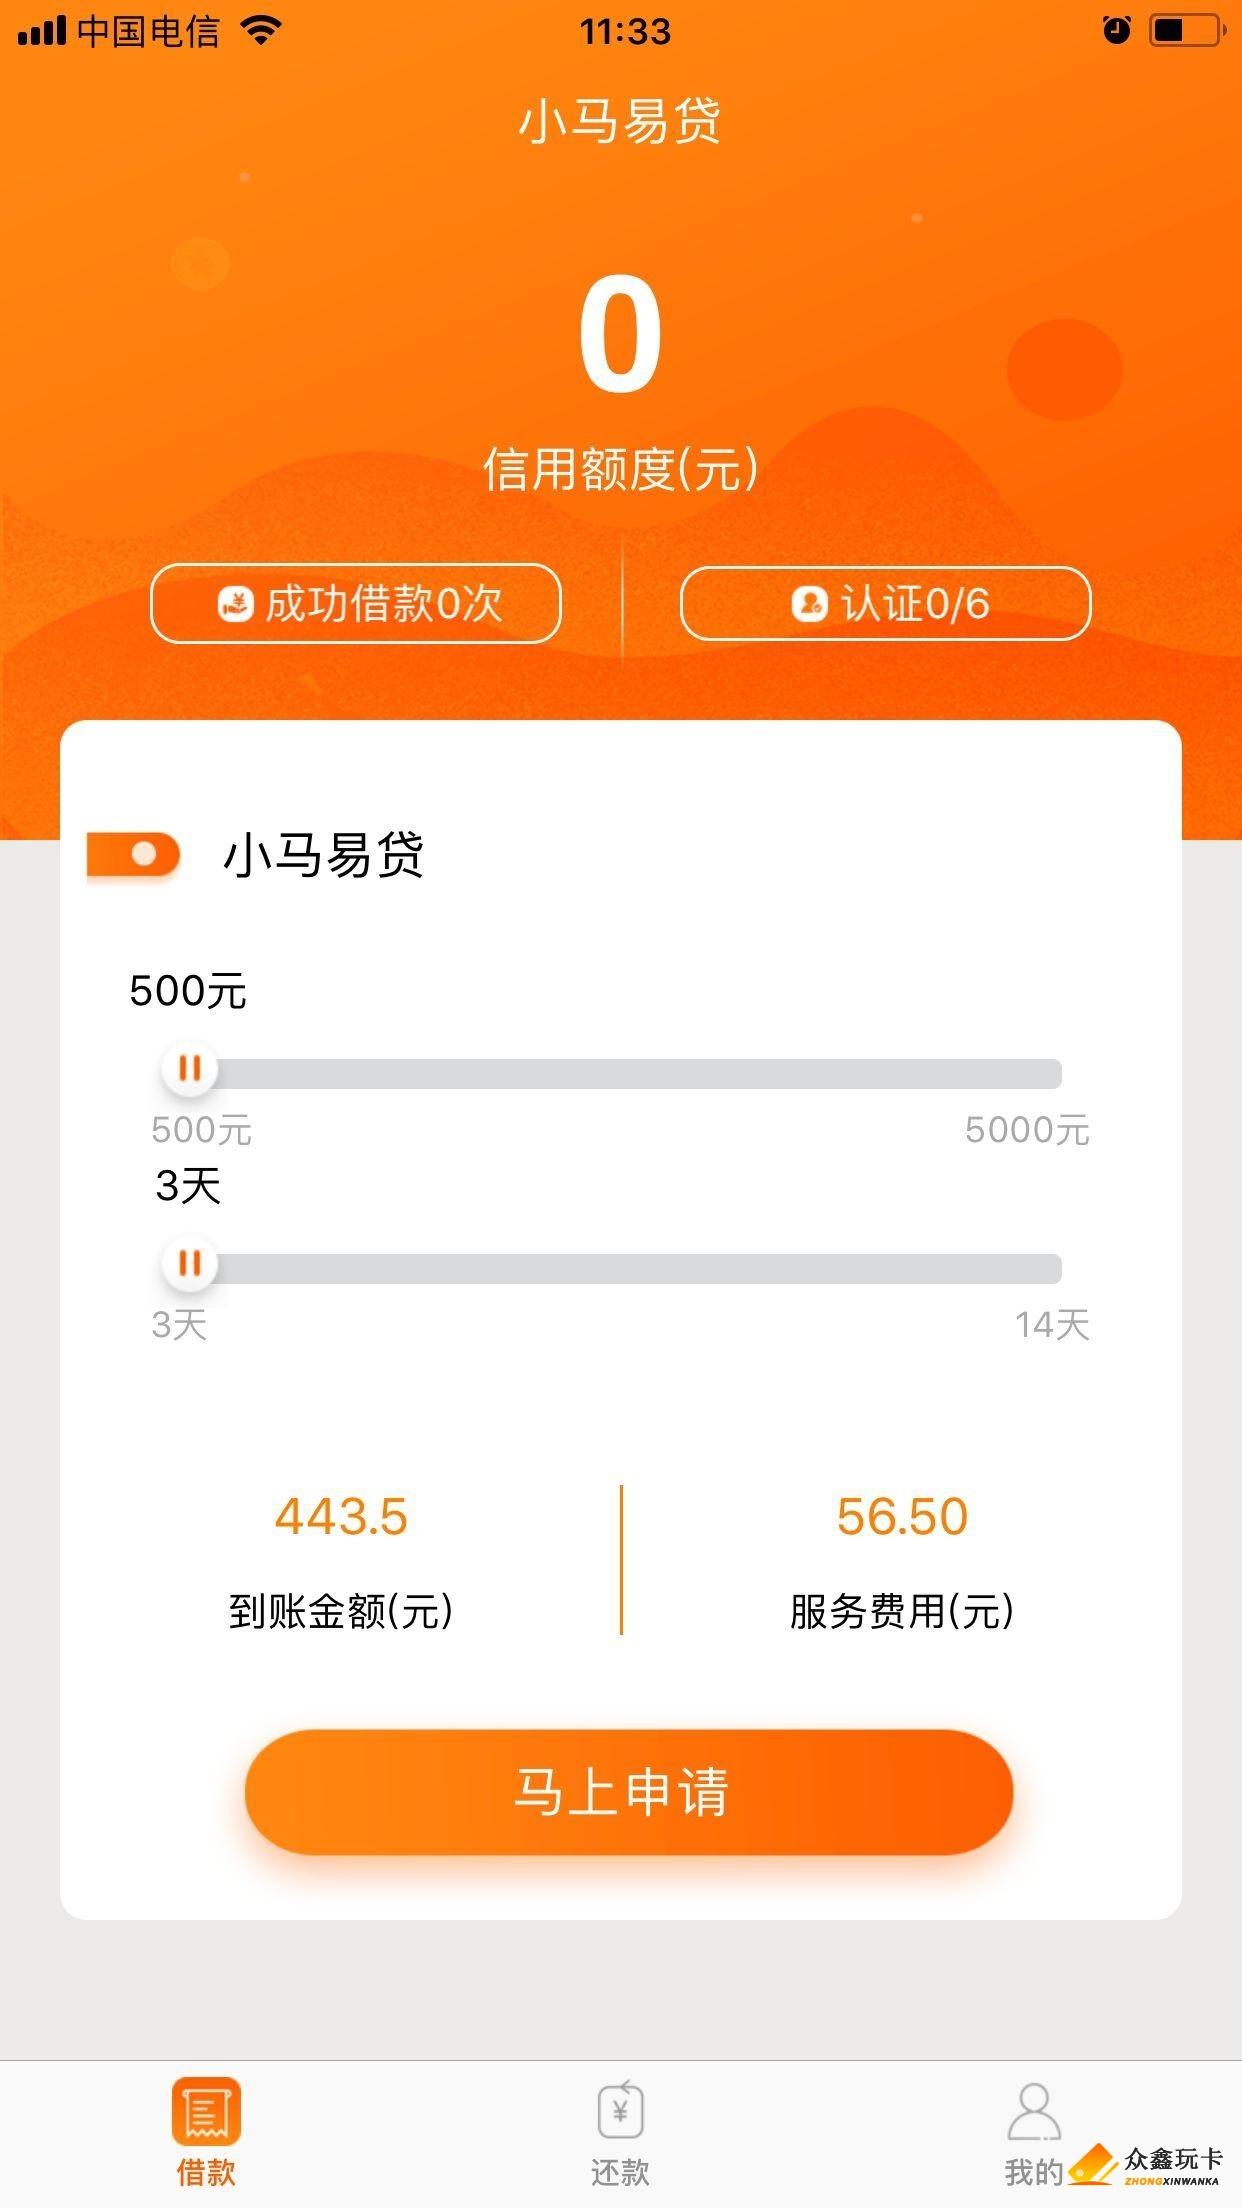 小马易贷:认证身份工作信息,最高5000元